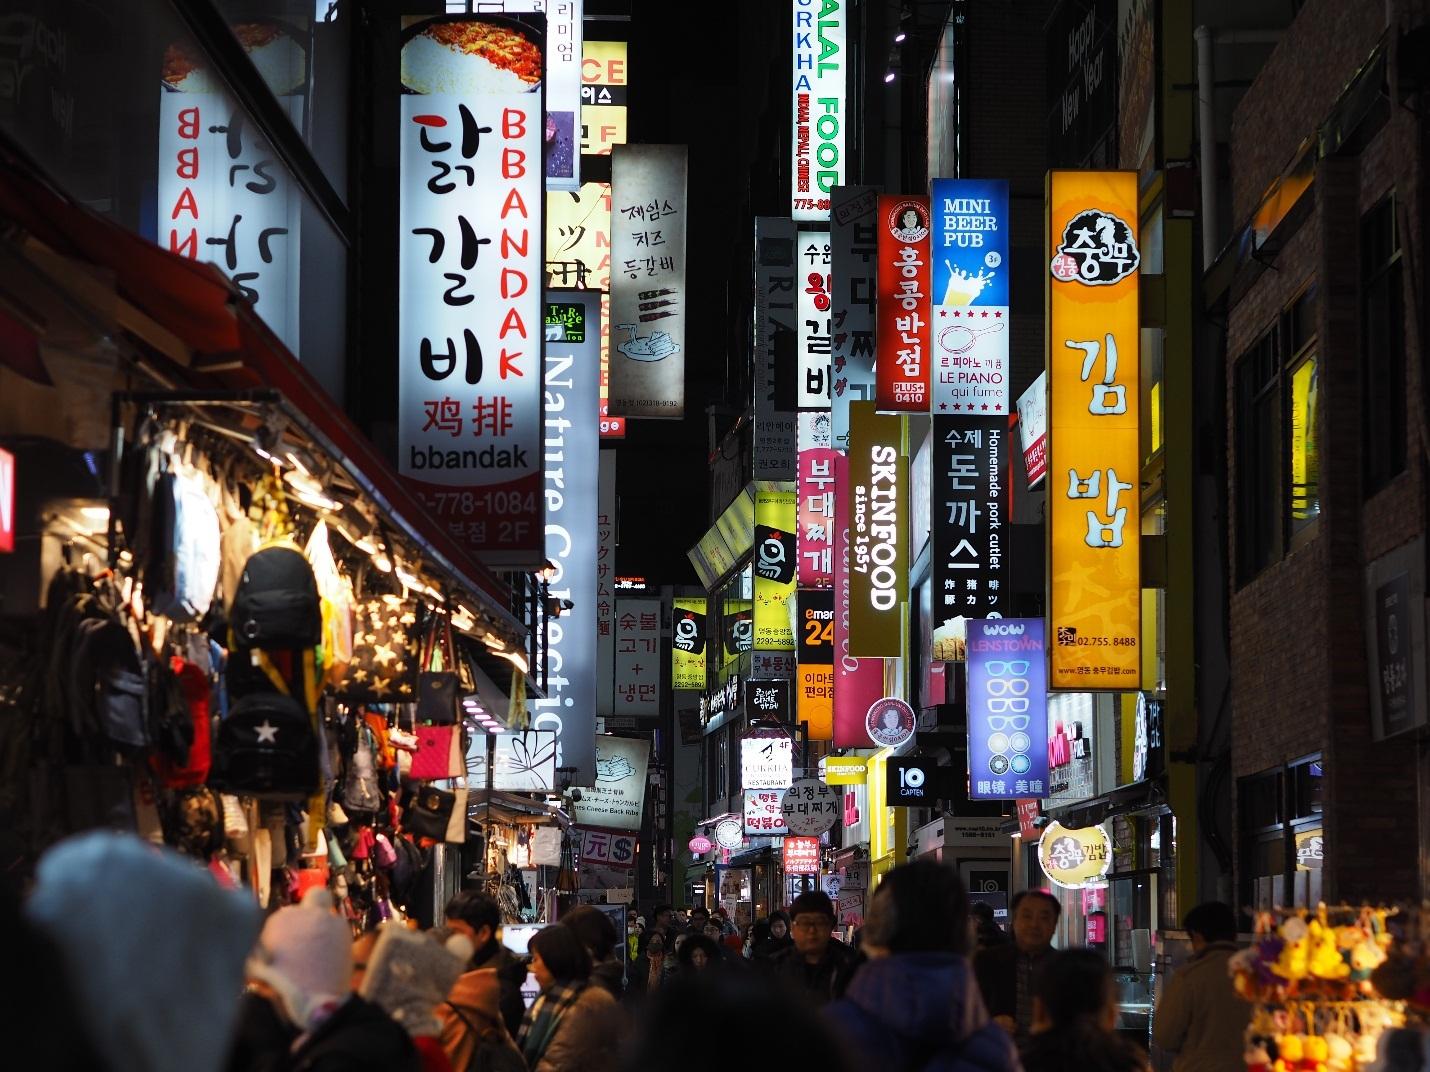 Vì sao phố đêm là phần không thể thiếu của những đô thị phát triển? - 2